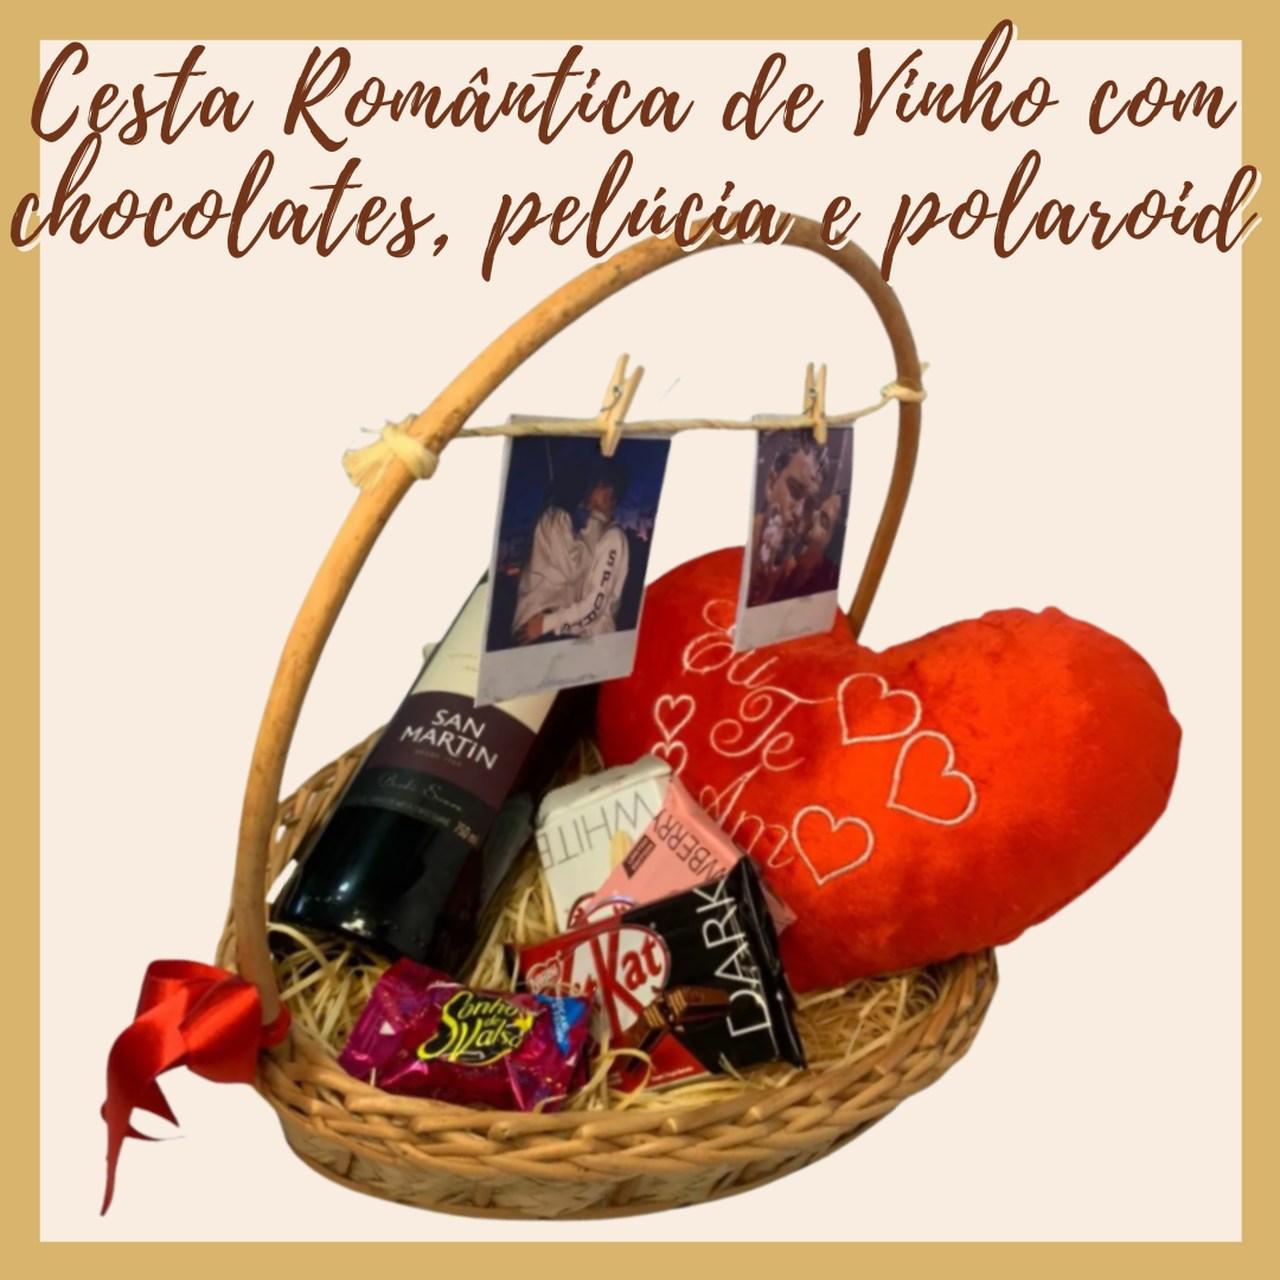 Cesta Romântica de Vinho com chocolates, pelúcia e polaroid